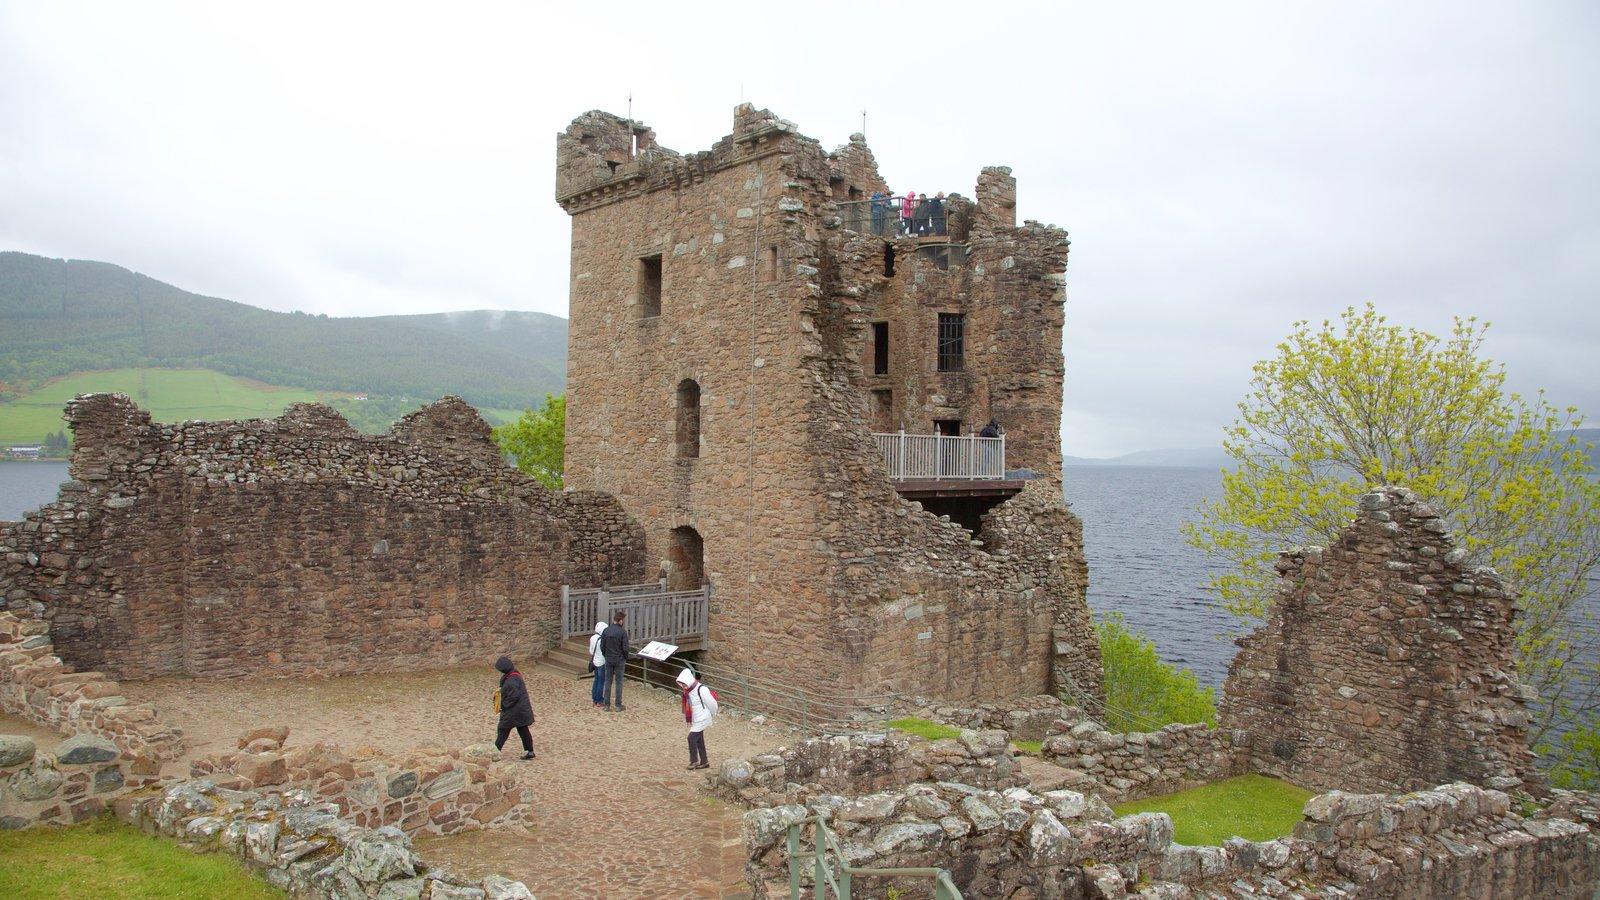 Castillo de Urquhart ofreciendo una ruina, elementos del patrimonio y un castillo